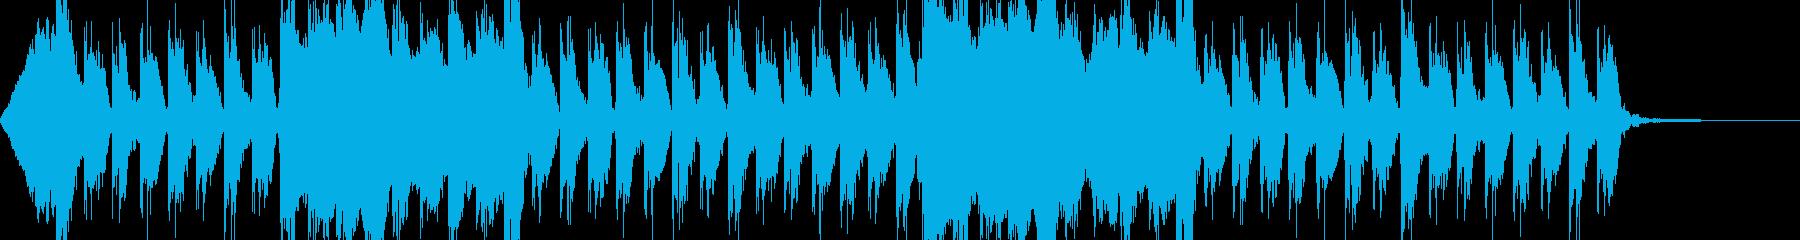 オーケストラとコーラスの戦闘シーンの曲の再生済みの波形